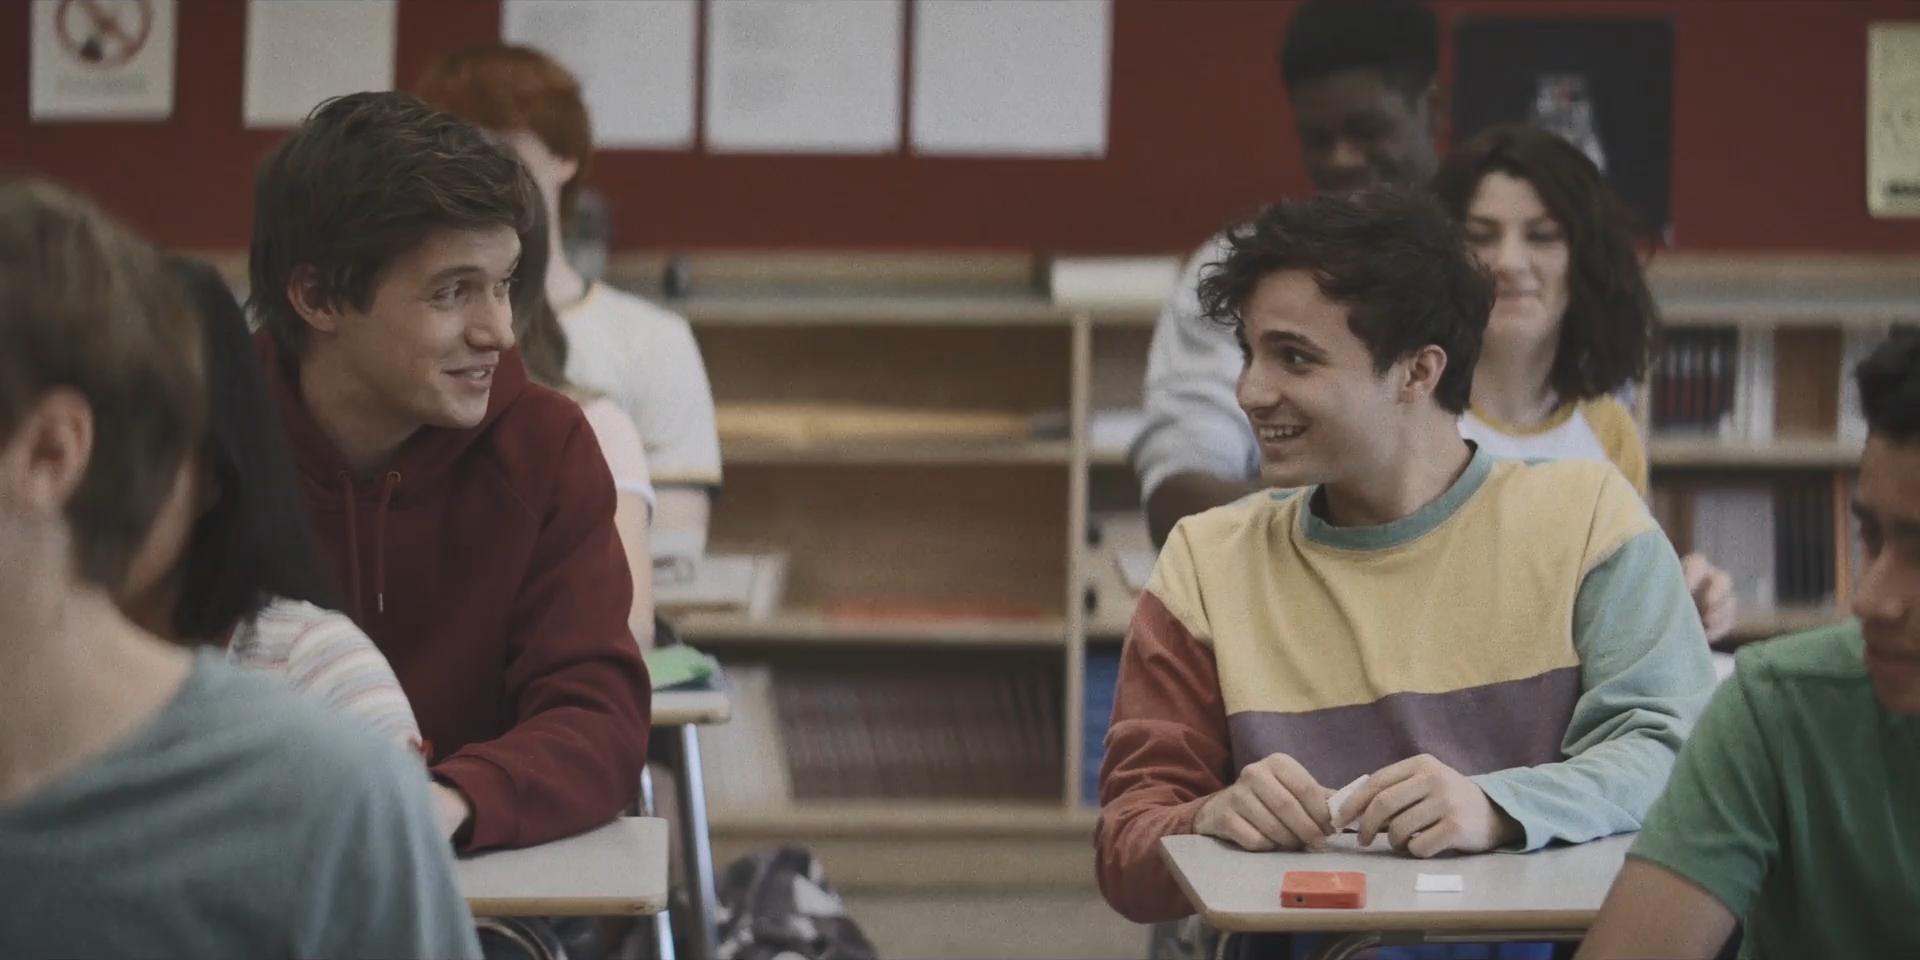 Изображение для Учительница / A Teacher, Сезон 1, Серии 1-5 из 10 (2020) WEBRip 1080p (кликните для просмотра полного изображения)